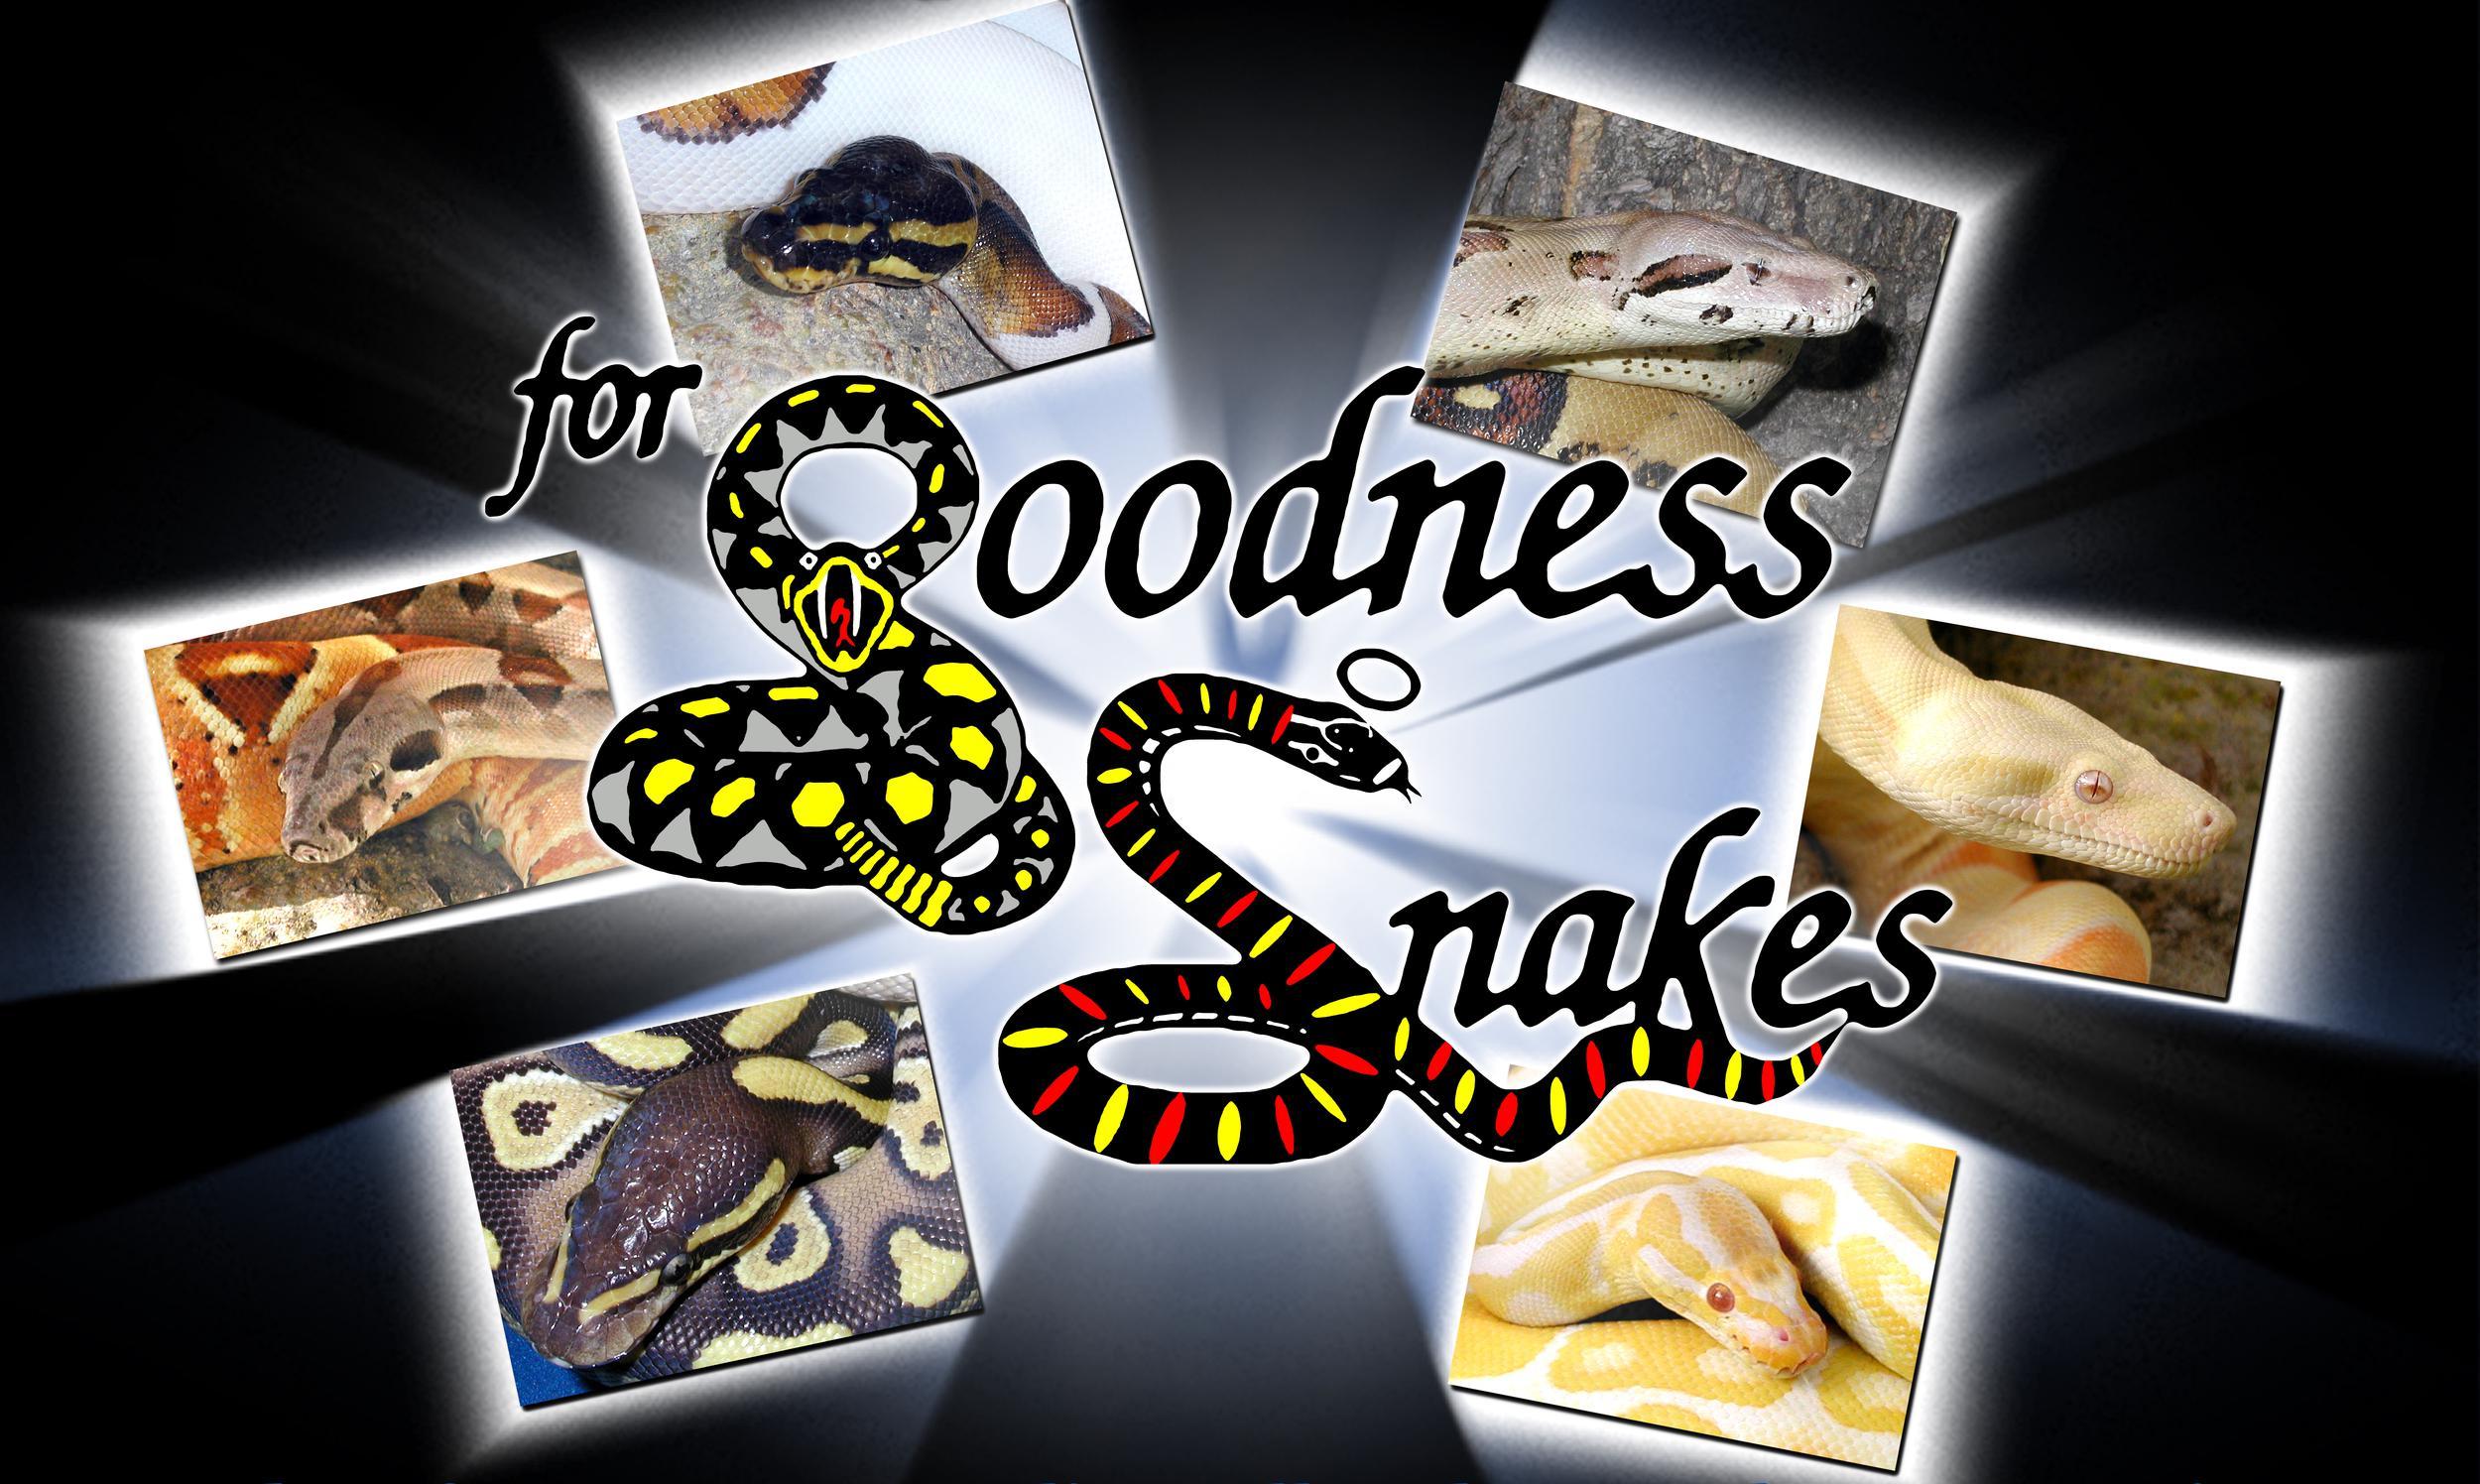 For Goodness Snakes